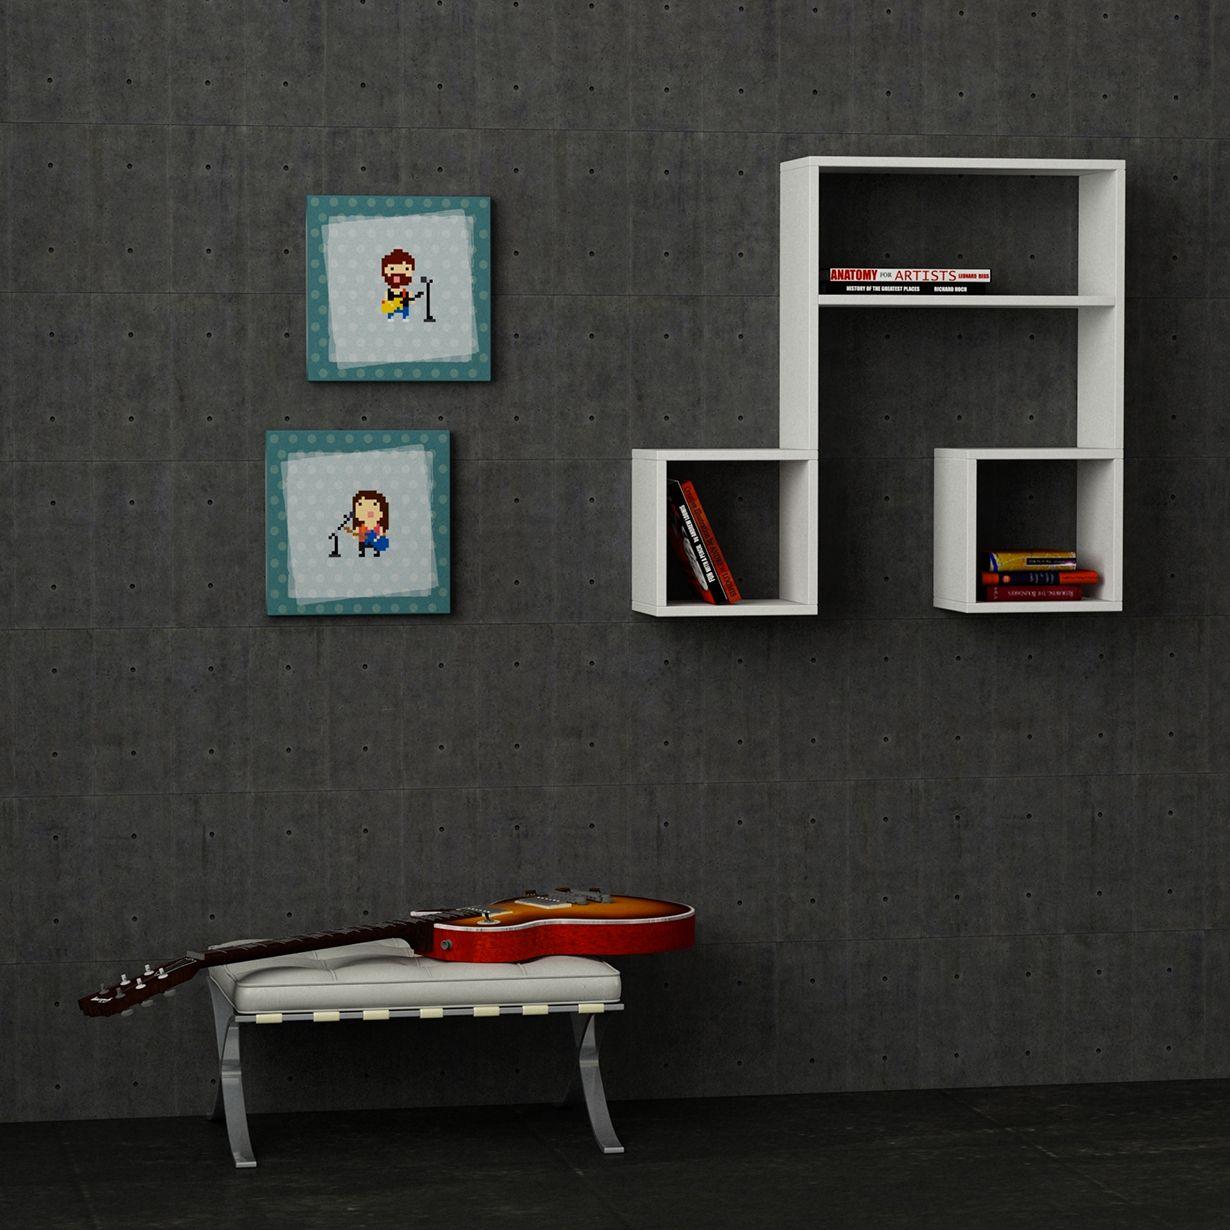 Divertiti, scherza, gioca ed inventa: come? Con le nostre mensole! Interpretale con il tuo stile, scegli il tuo colore e riempile dei tuoi oggetti più cari.